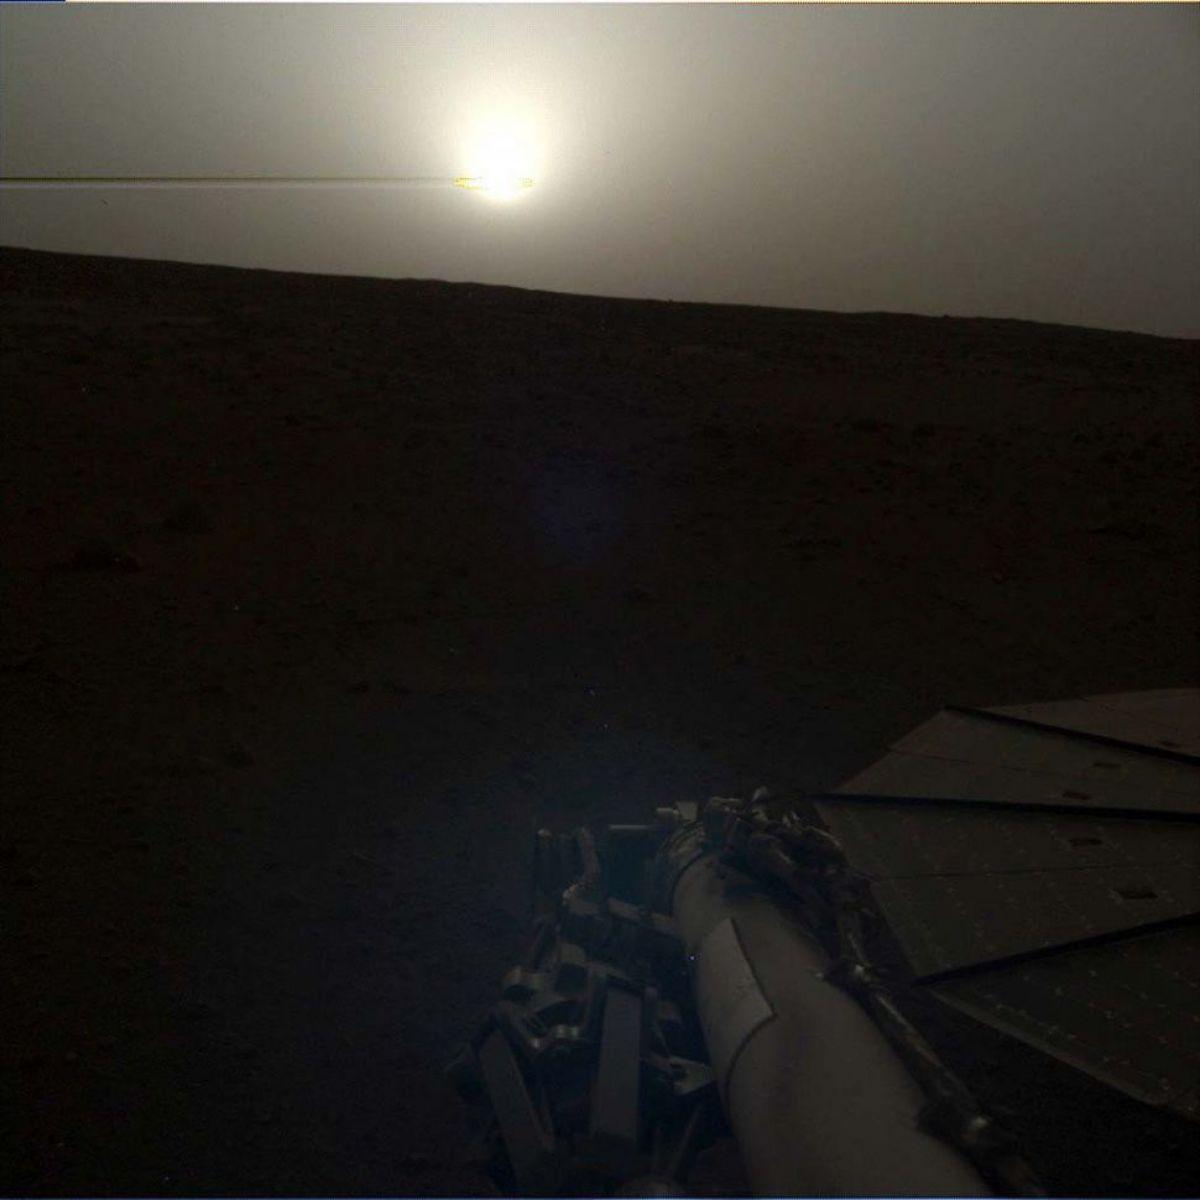 InSight Lander, находящийся на Марсе уже ровно сто дней, прислал интересный снимок заката